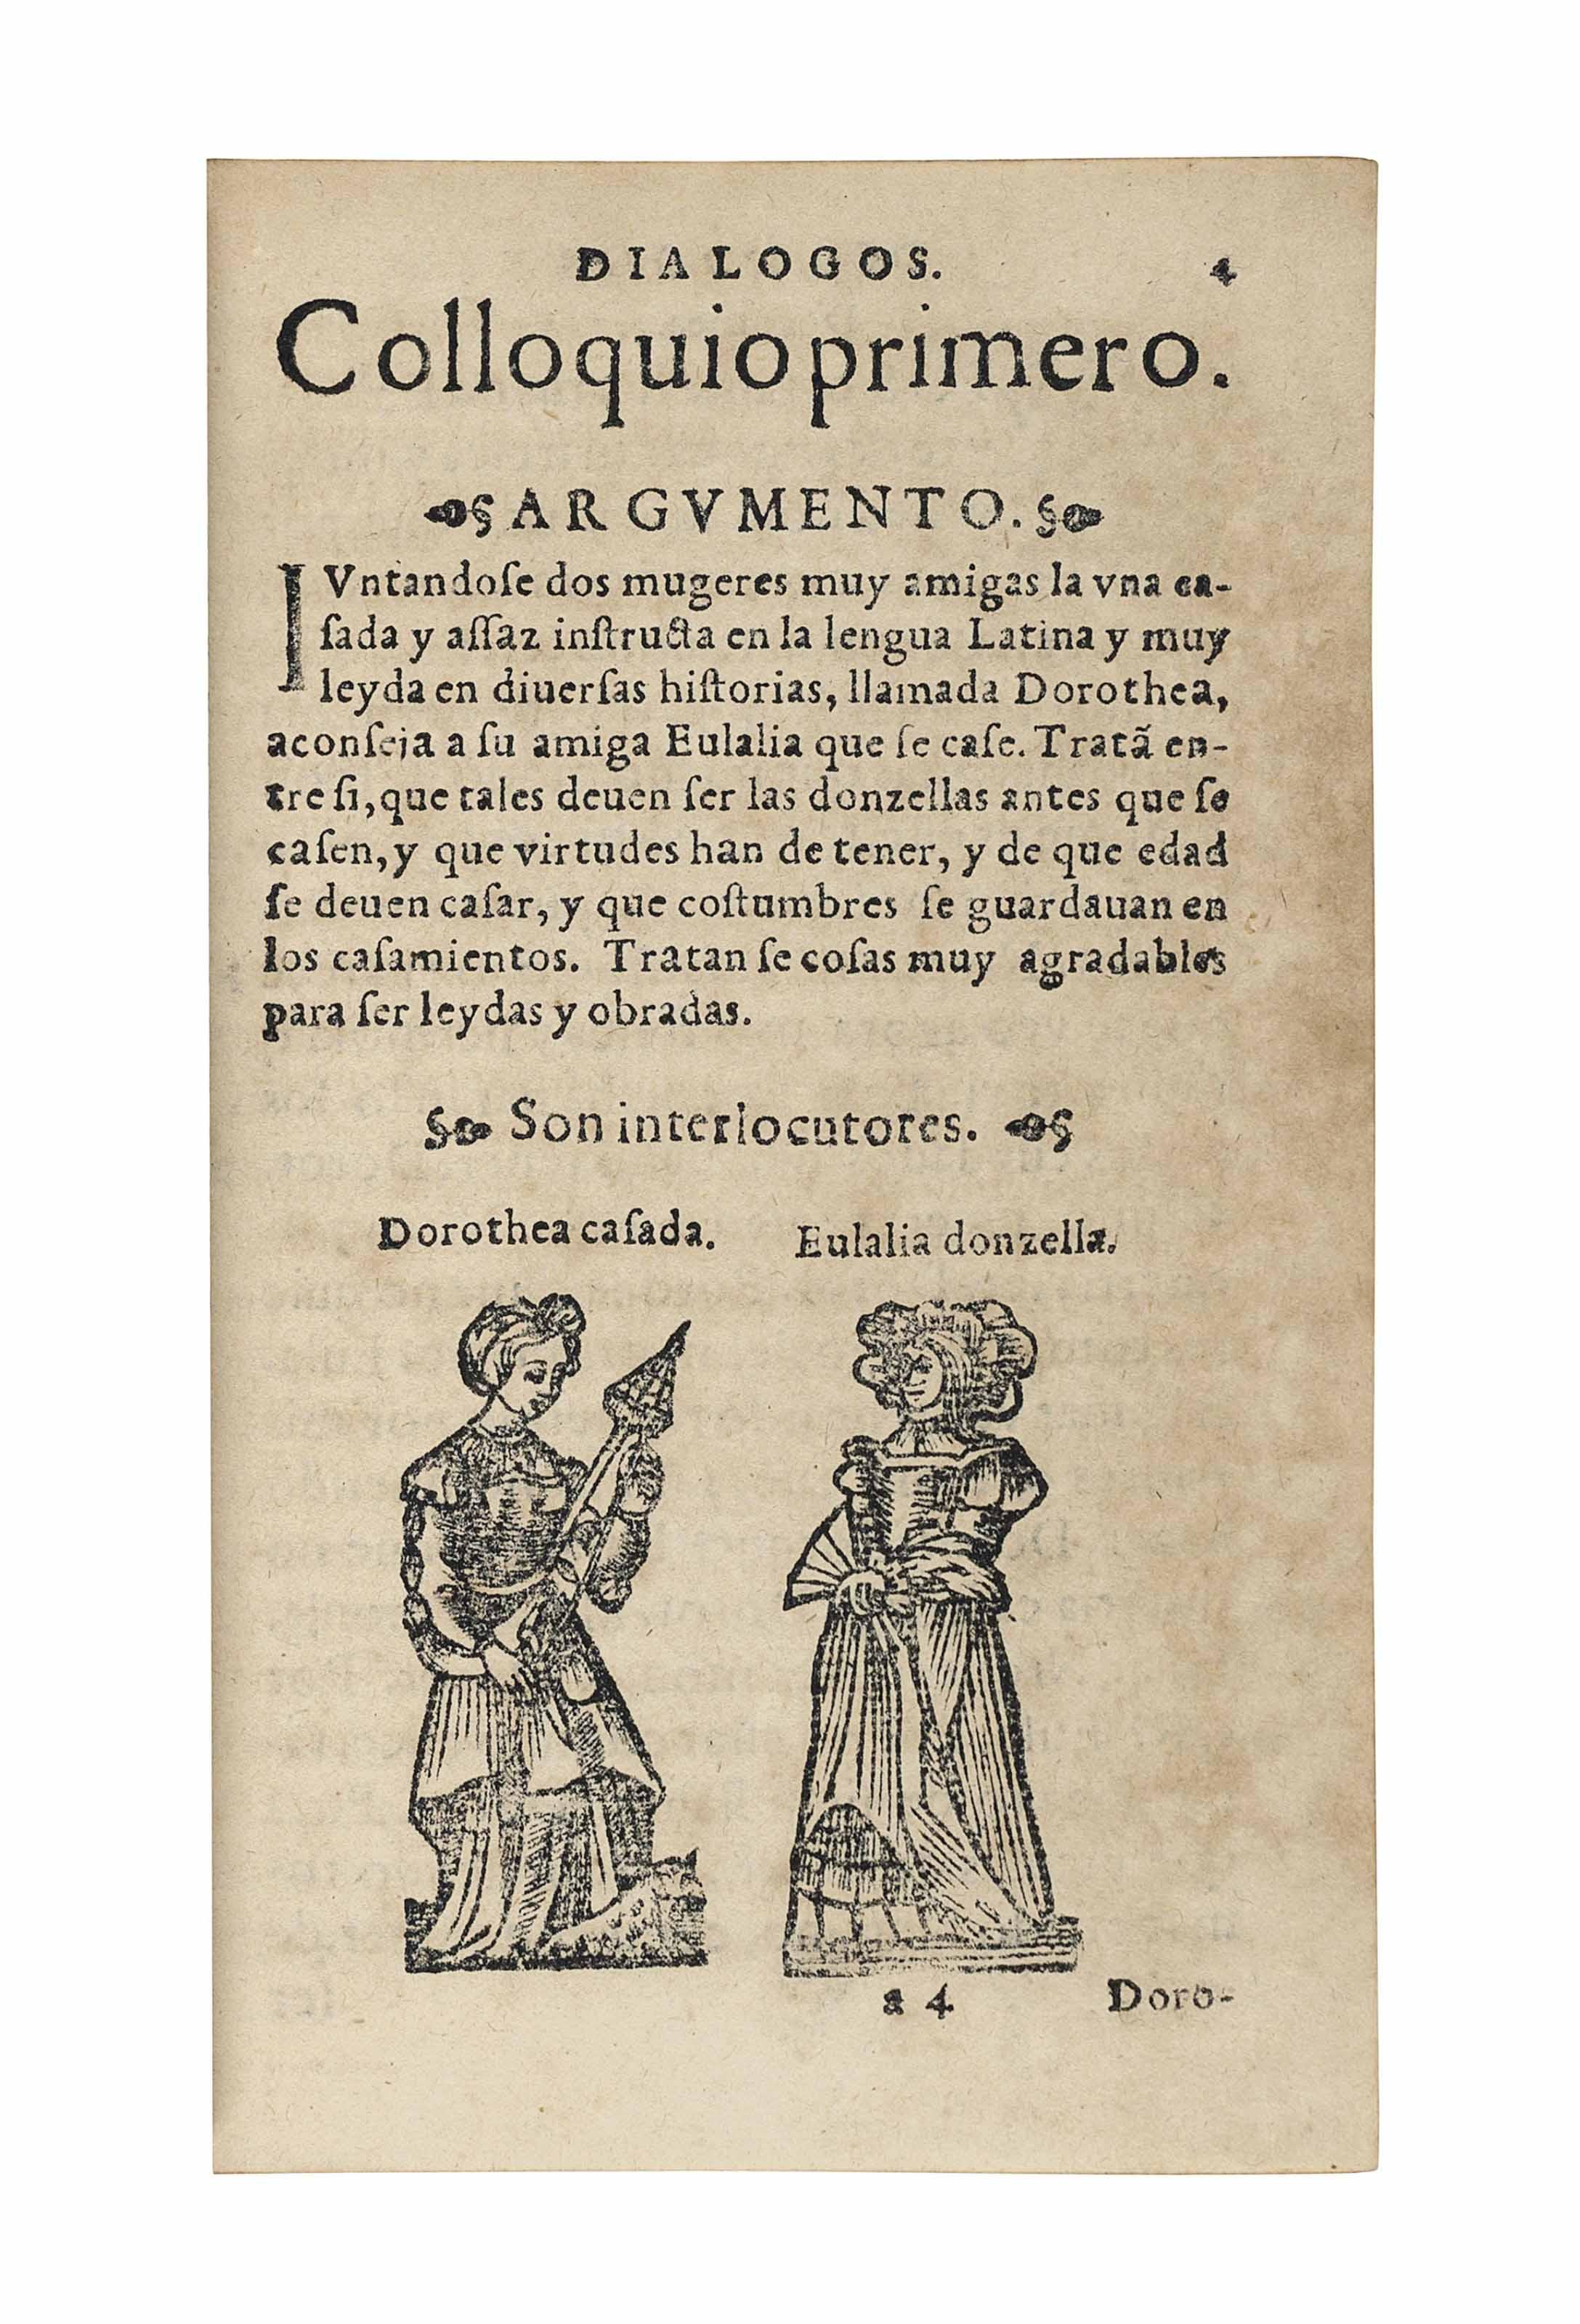 LUJAN, Pedro de (fl. 1550). Co